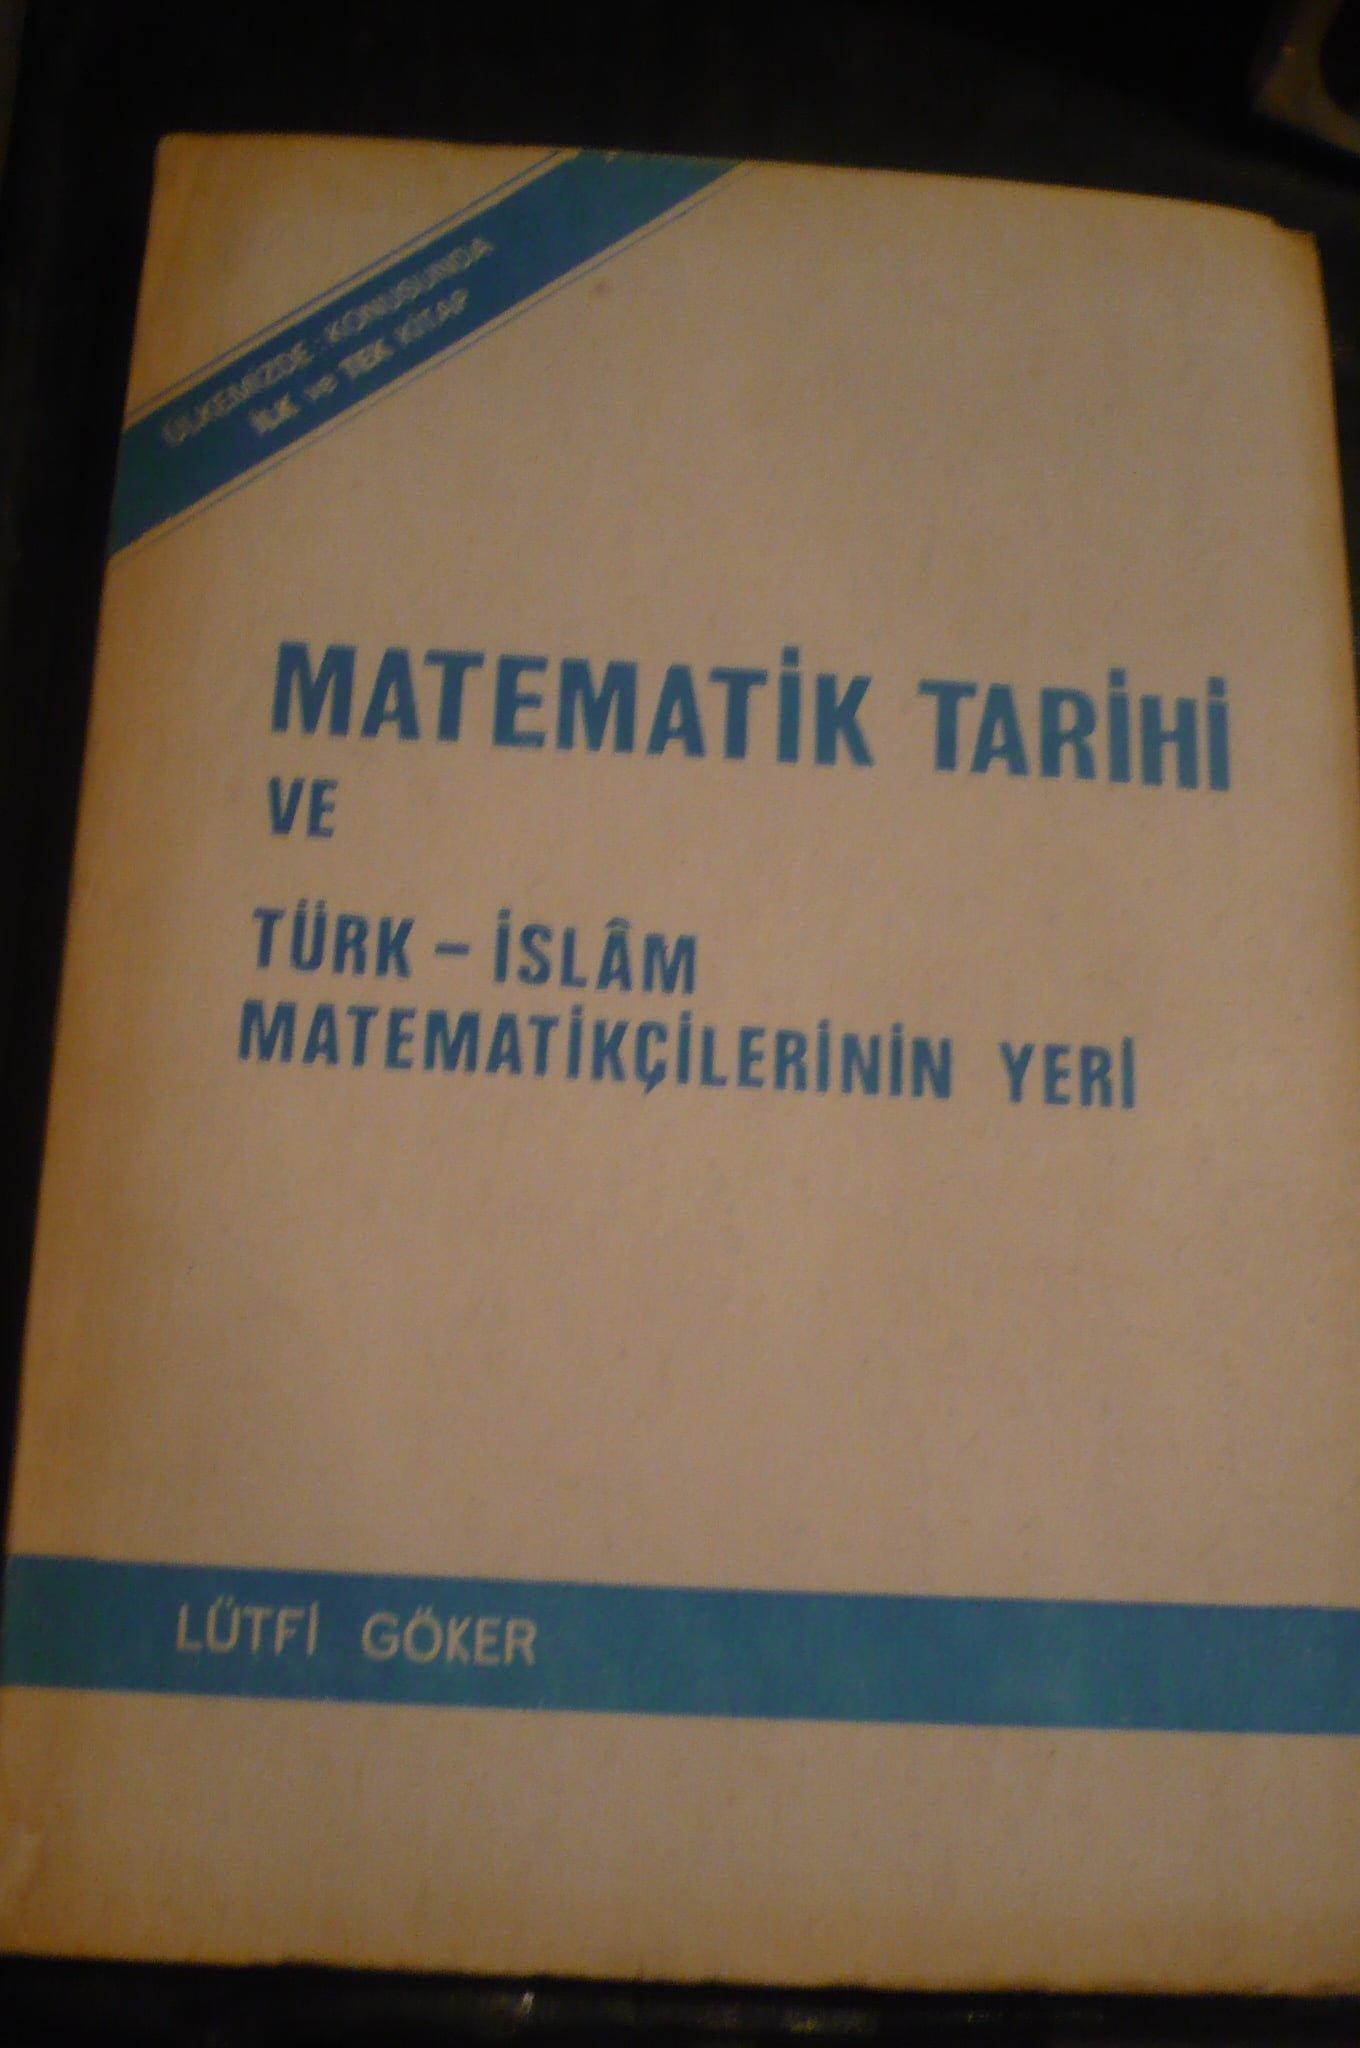 Matematik Tarihi ve Türk-İslam Matematikçilerinin yeri/Lütfi Göker/20 tl